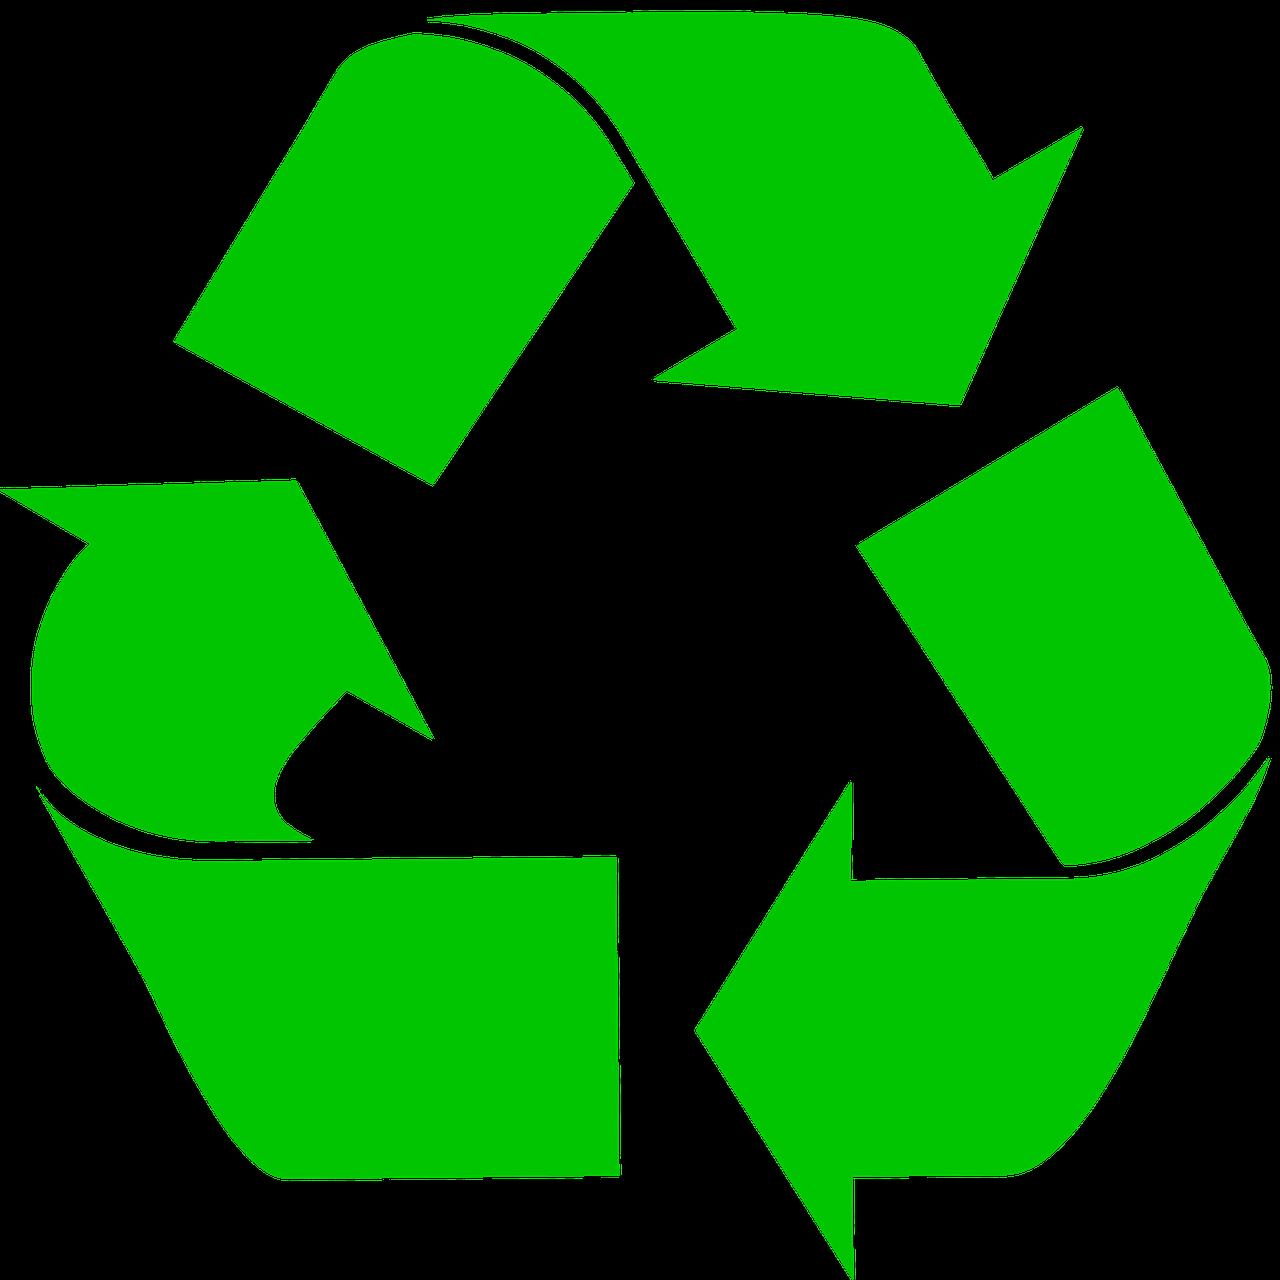 ホットプレートの捨て方を解説|処分で注意すべきポイントは?のサムネイル画像